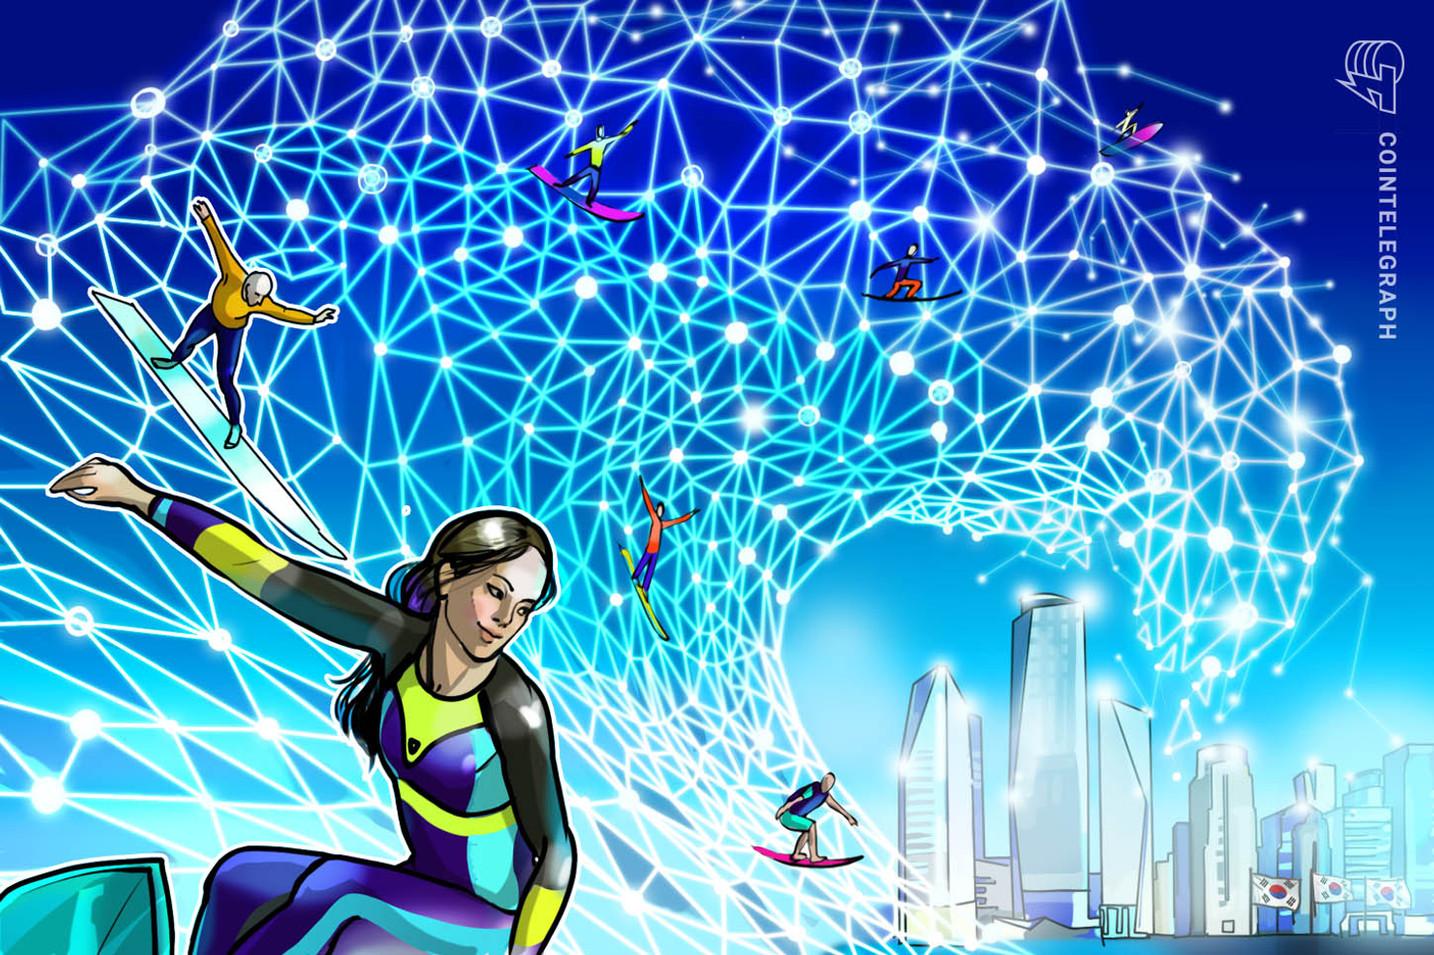 韓国ソウル市、今年11月にブロックチェーン基盤の行政サービス展開 | 「ブロックチェーン都市」目指す